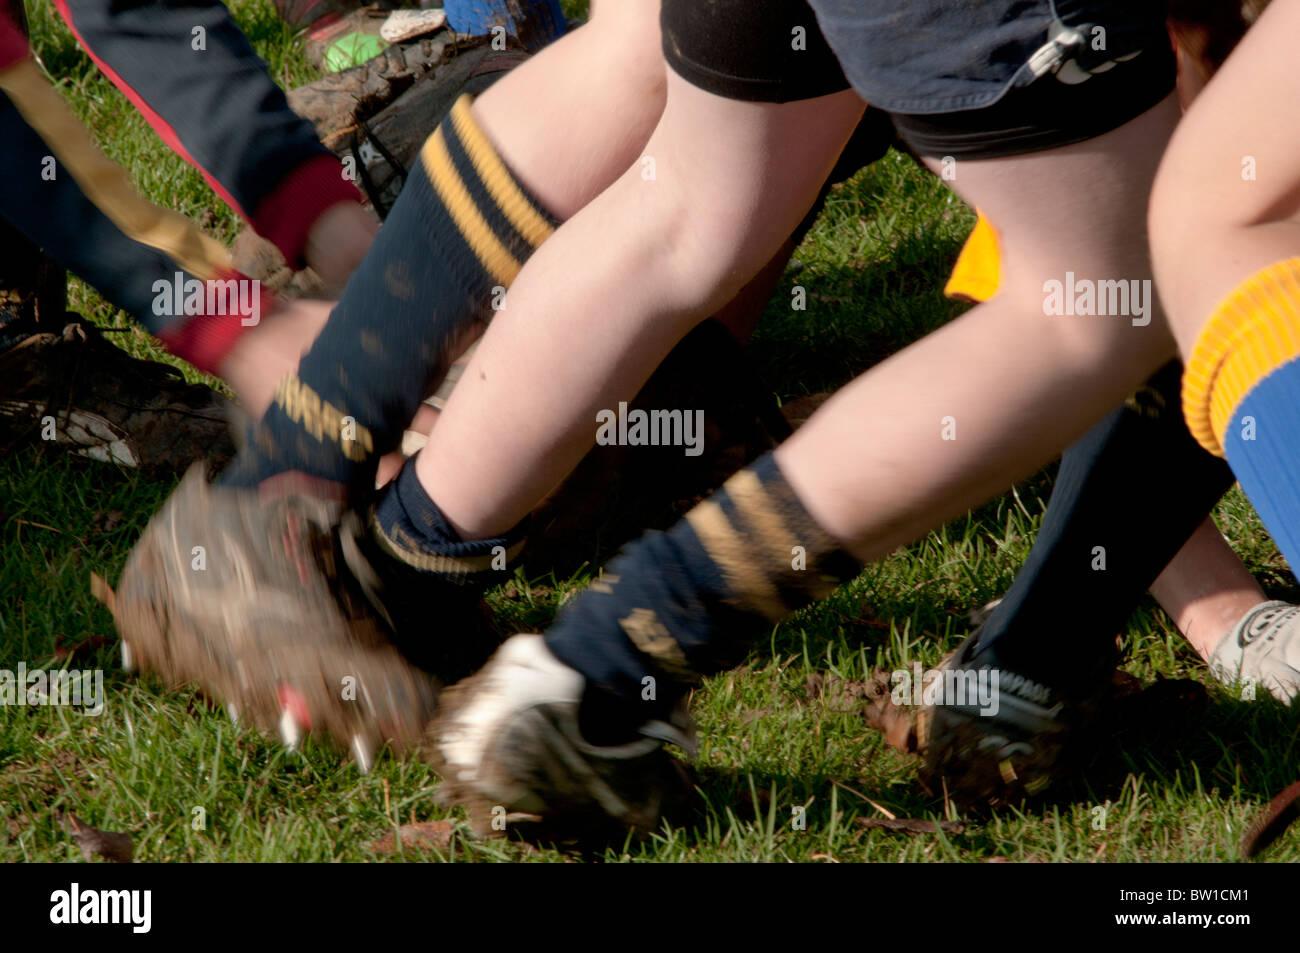 Les jeunes garçons à jouer au rugby dans une mêlée à l'extérieur en jeu à Photo Stock